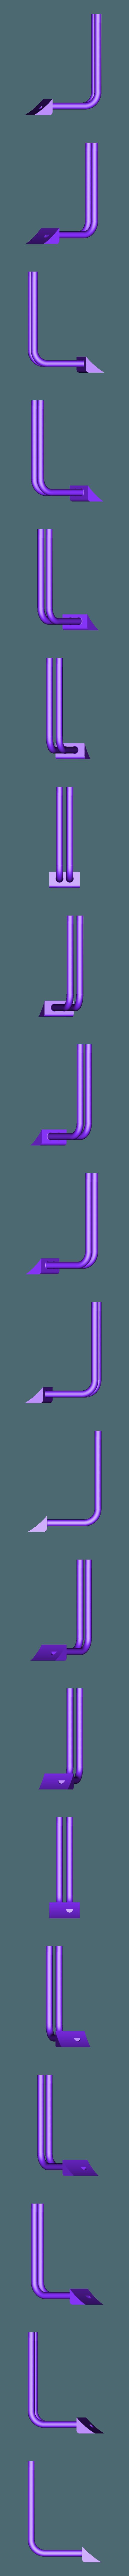 Large-Pipe-Boiler-Side.stl Télécharger fichier STL gratuit Planète Express 3030 • Objet à imprimer en 3D, Piggie